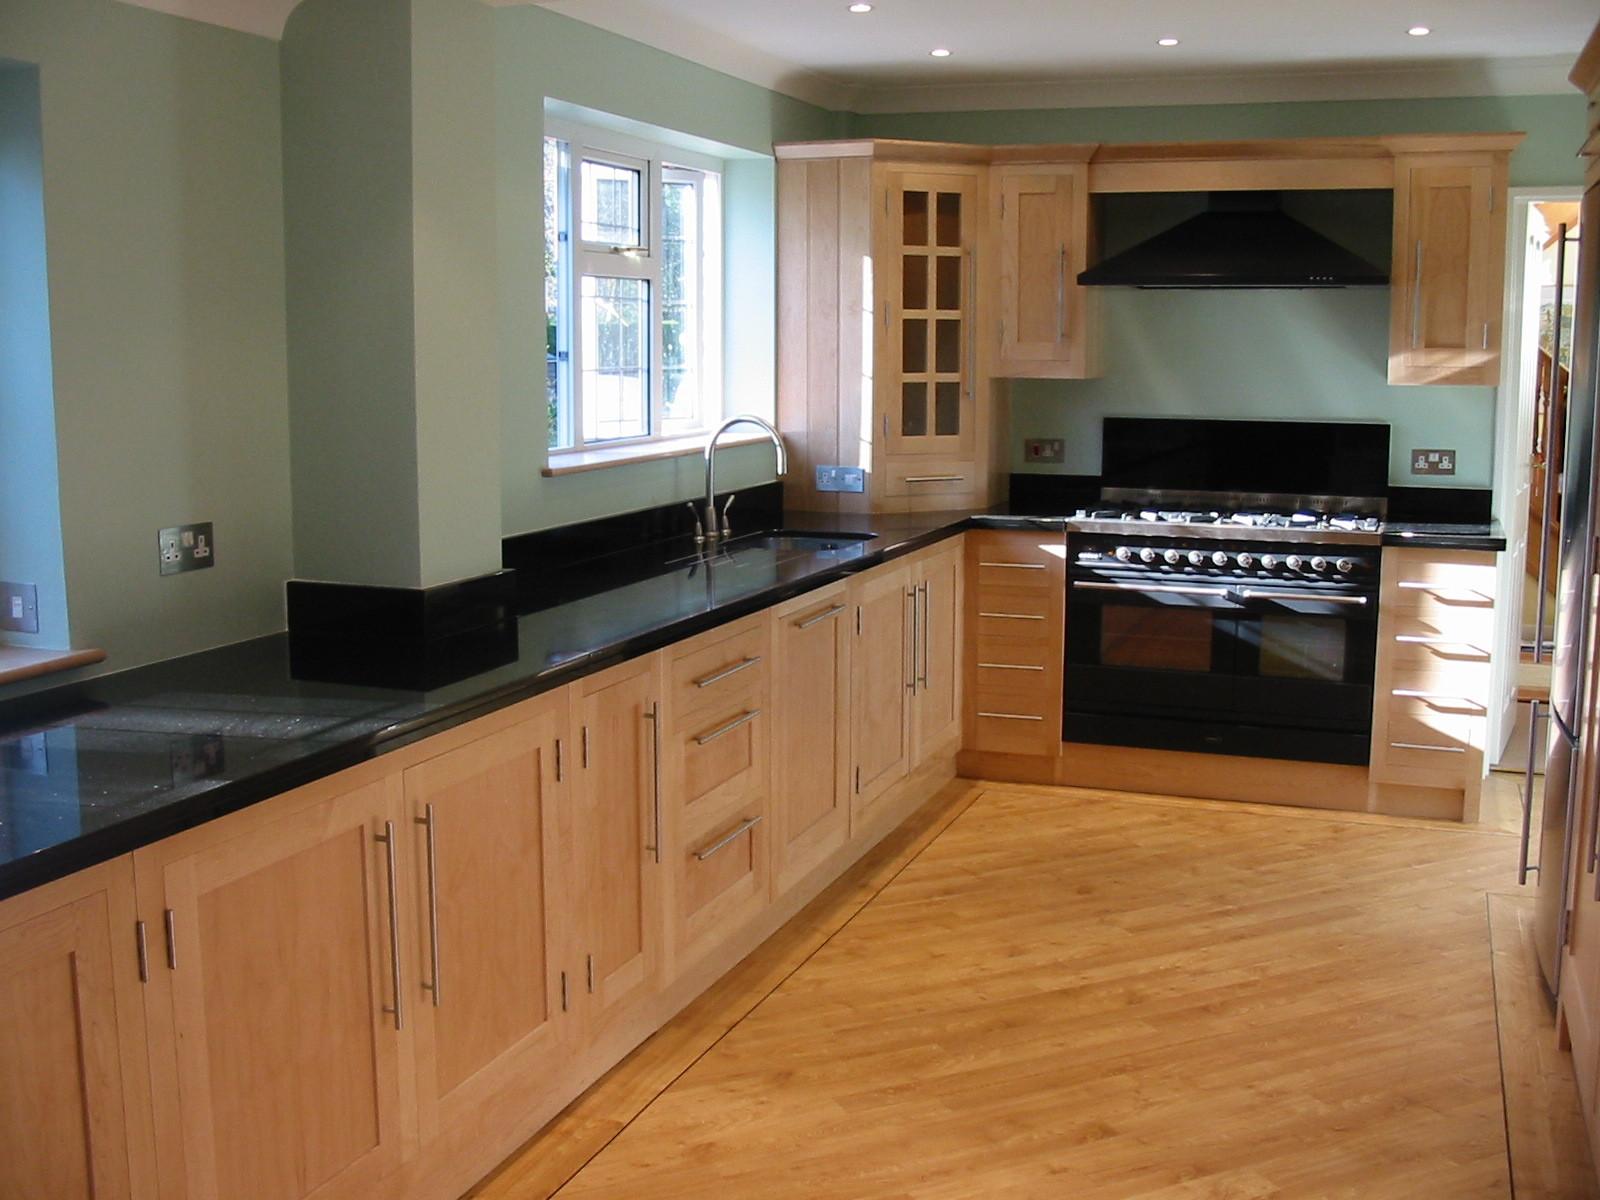 Kitchen woodwork